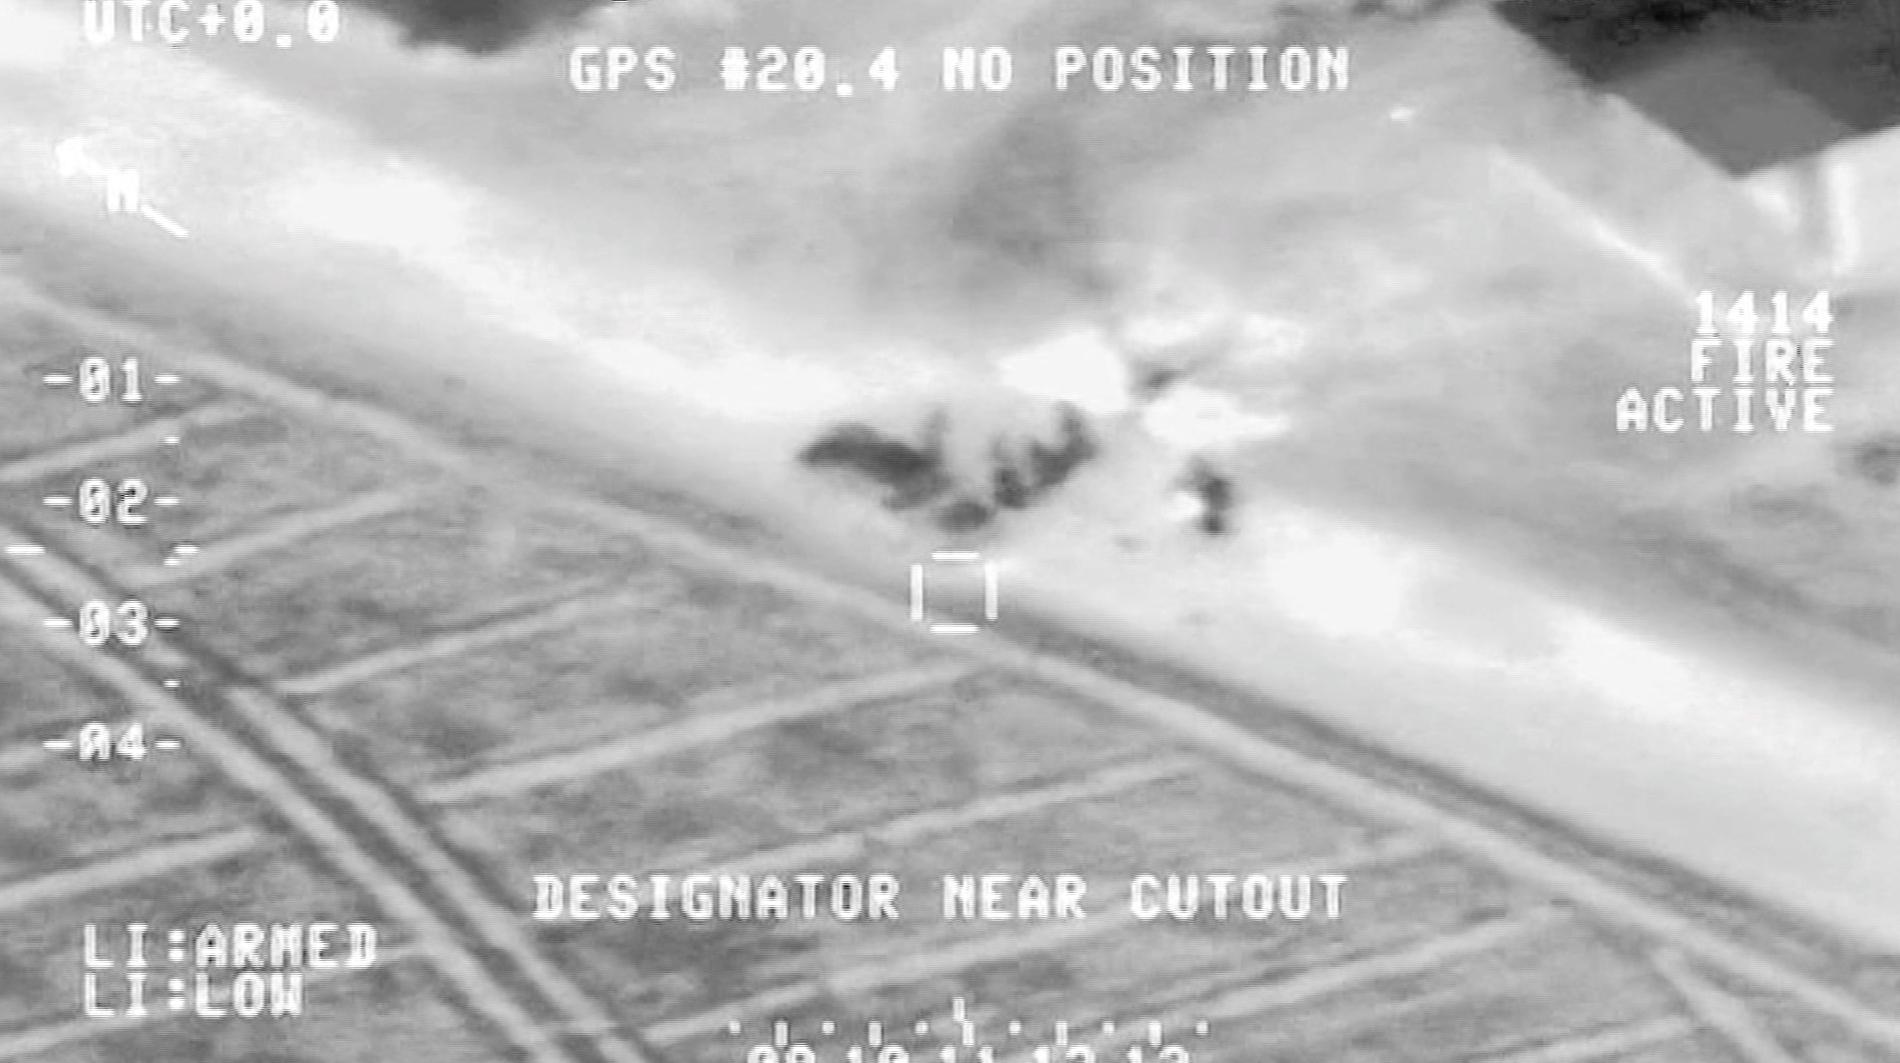 بالفيديو.. كيف يتخفى  داعش  في تنقلاته بين المدن العراقية والإفلات من القصف الجوي - CNNArabic.com